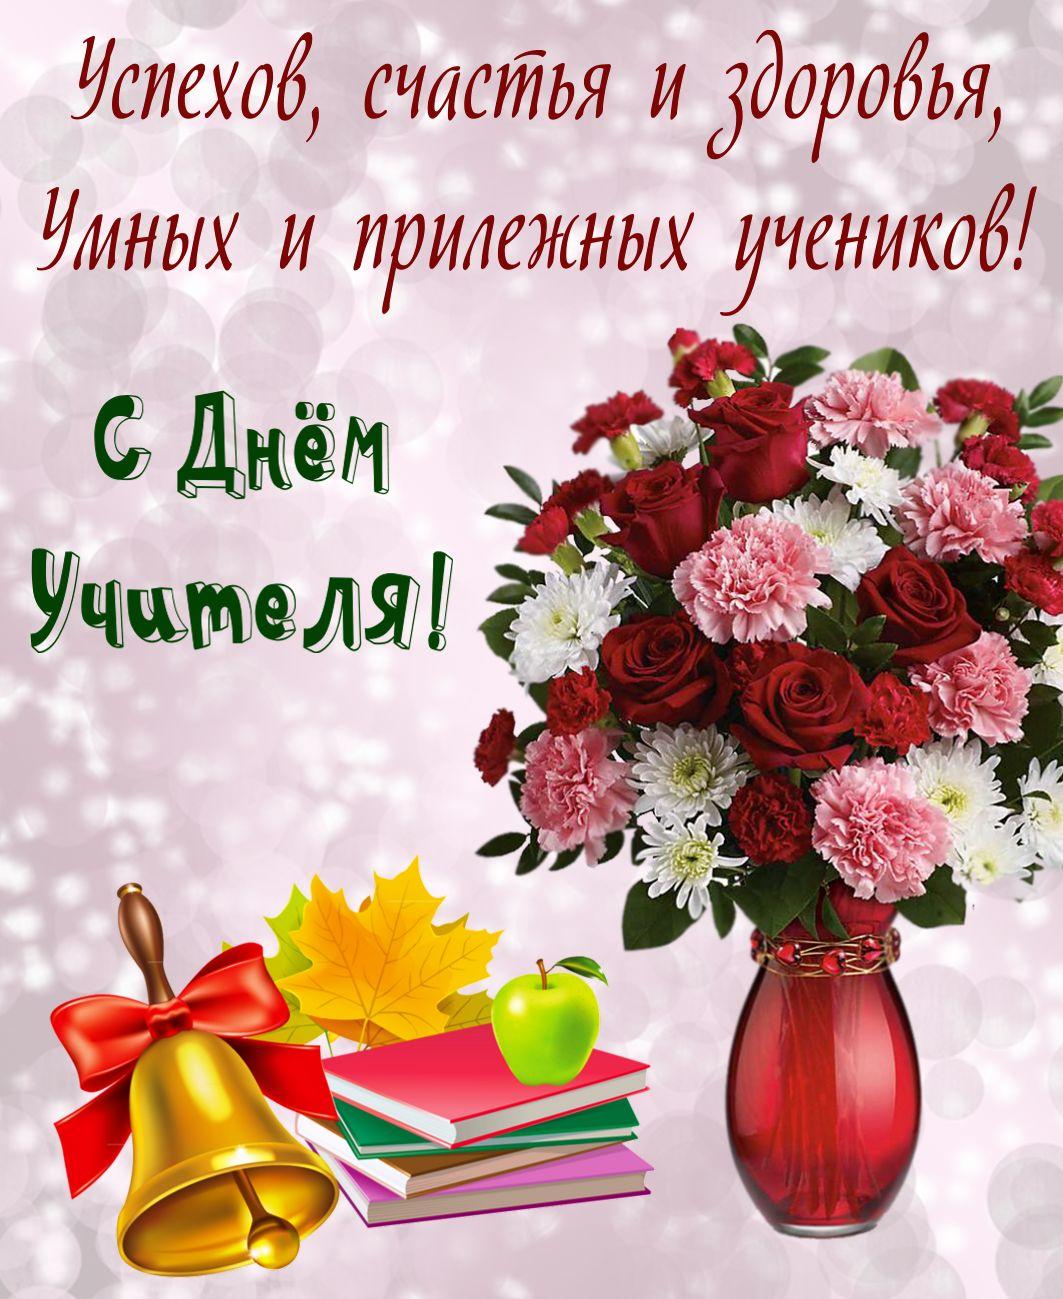 поздравления подруге учителю ко дню учителя курске трудовых резервах